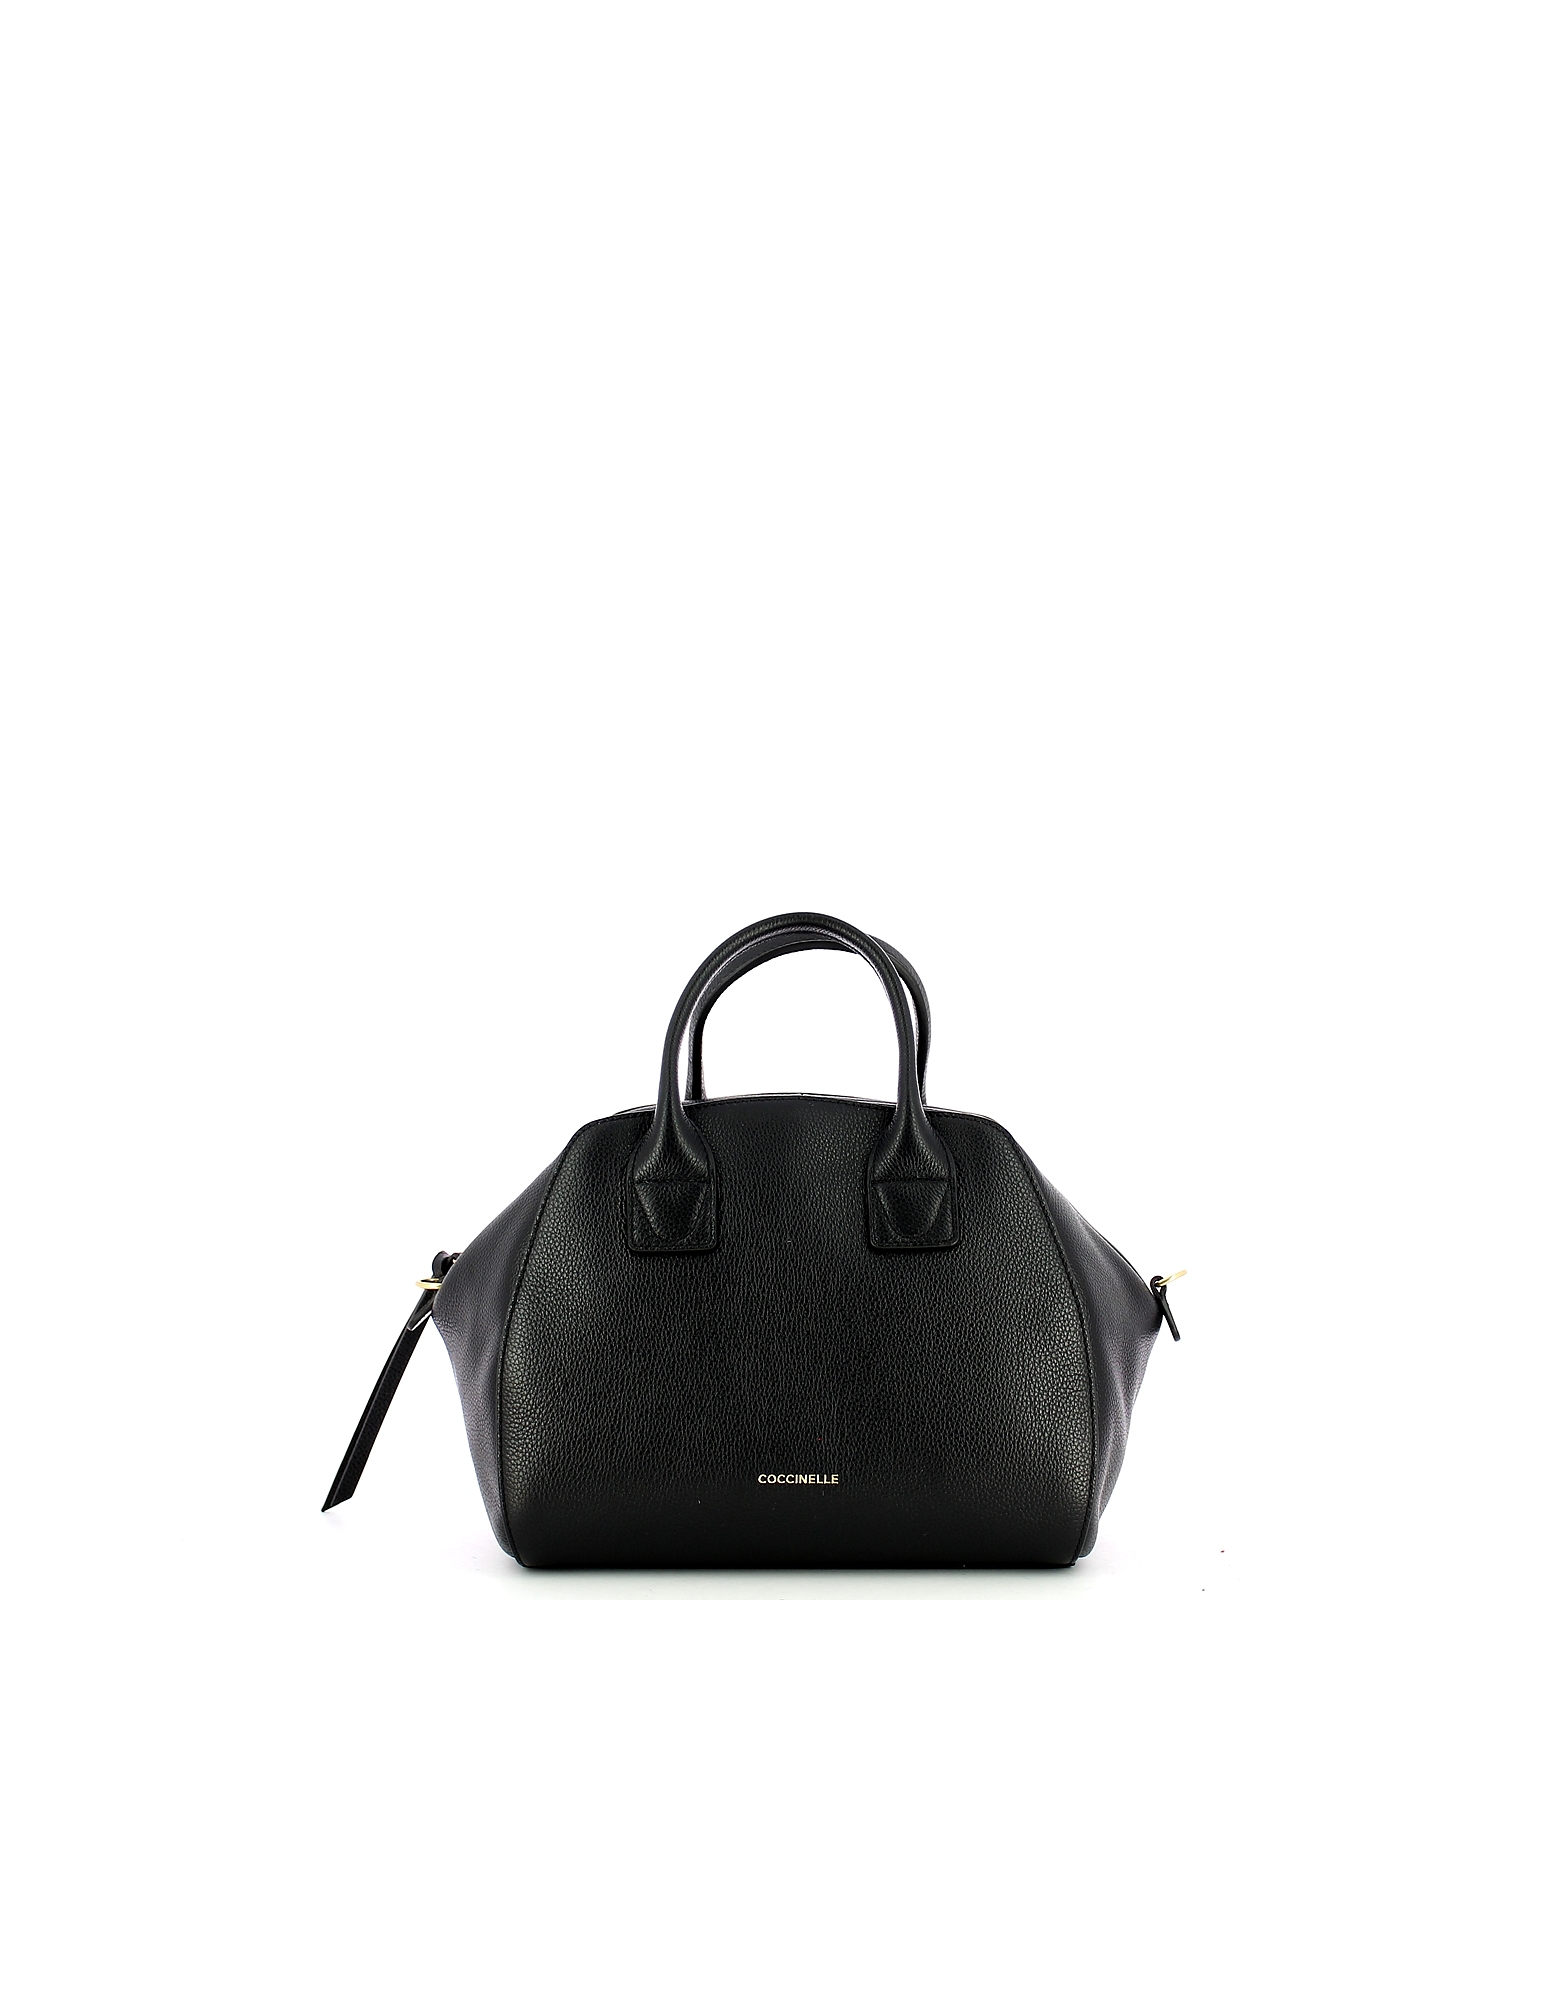 Coccinelle Designer Handbags, Black Concrete Journal Satchel Bag